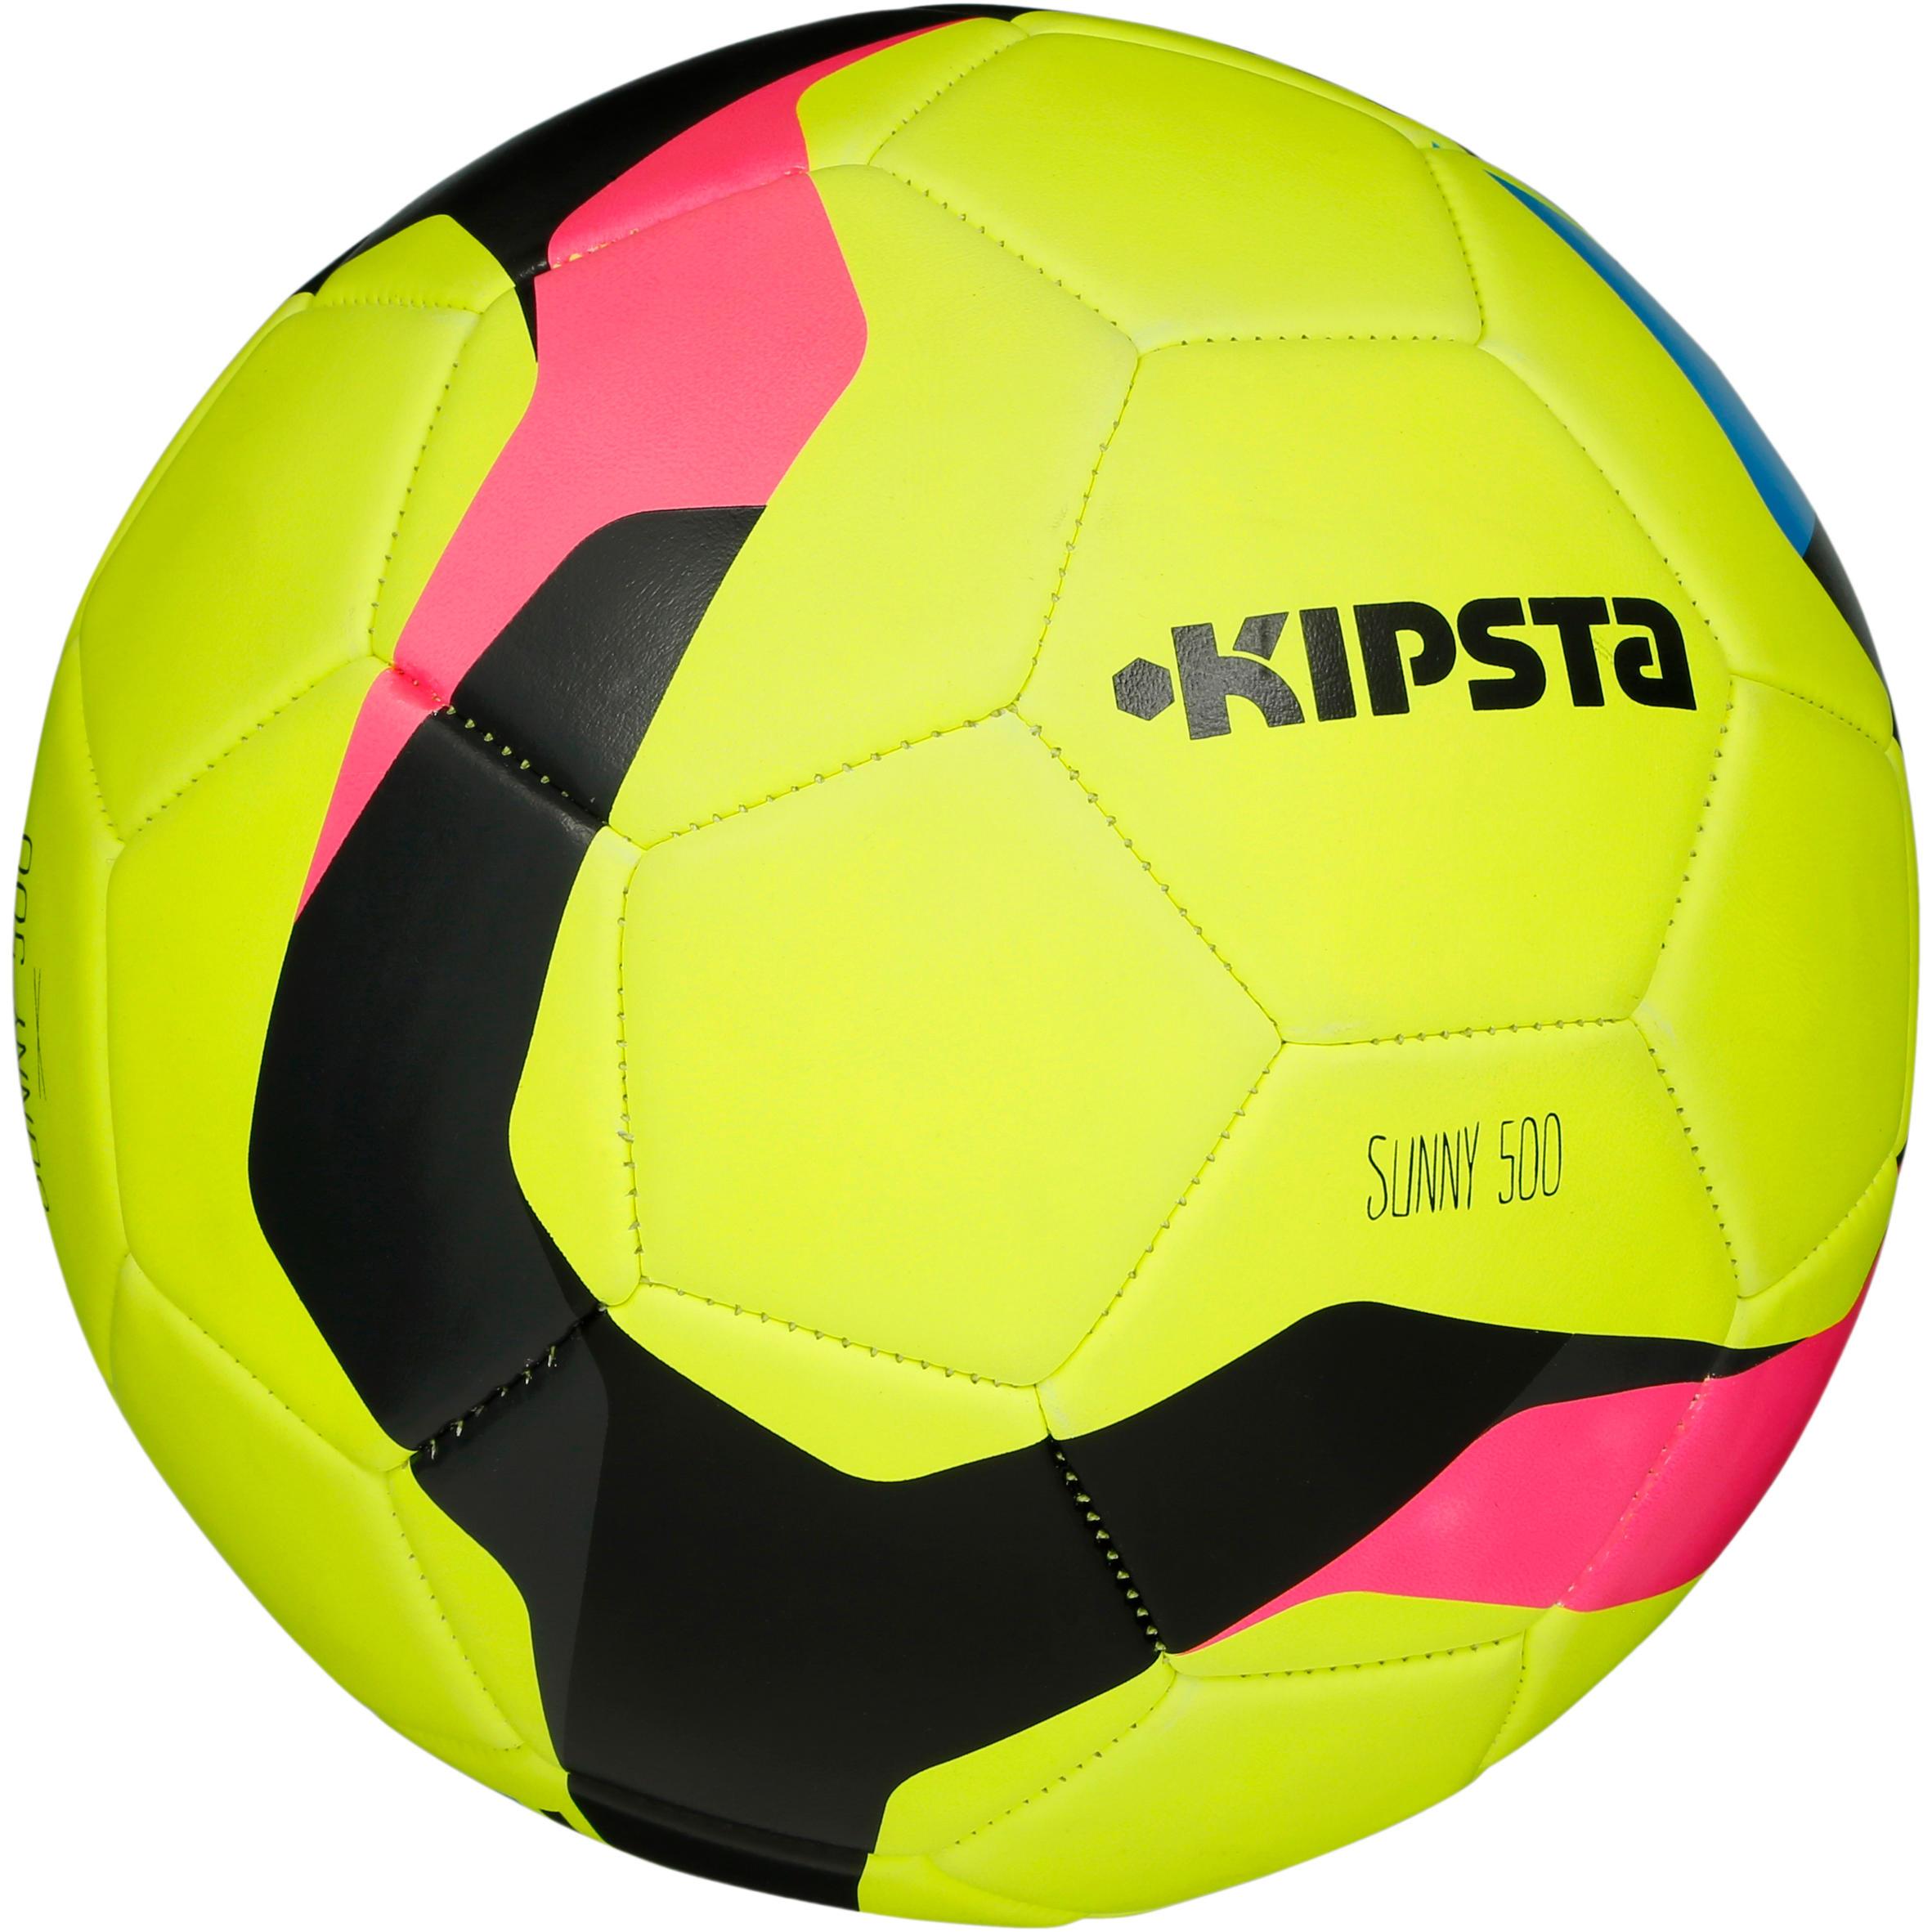 Balón de fútbol Sunny 500 talla 5 amarillo rosa negro Kipsta  1db324d12ea17